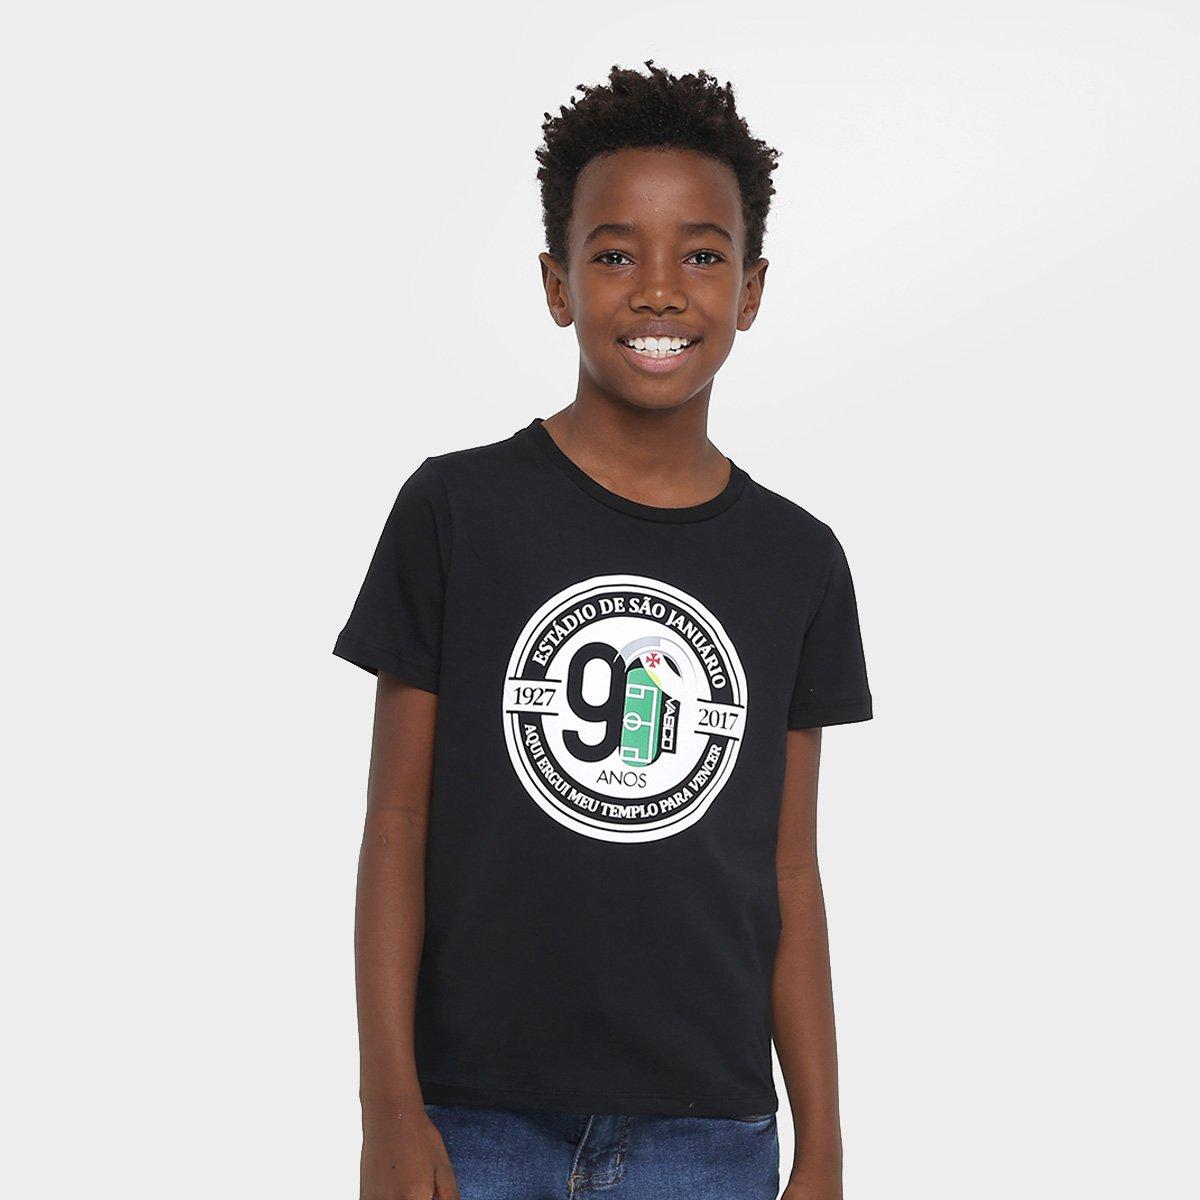 8bfa293d65 Camiseta Infantil Vasco São Januário 90 Anos | Shop Vasco